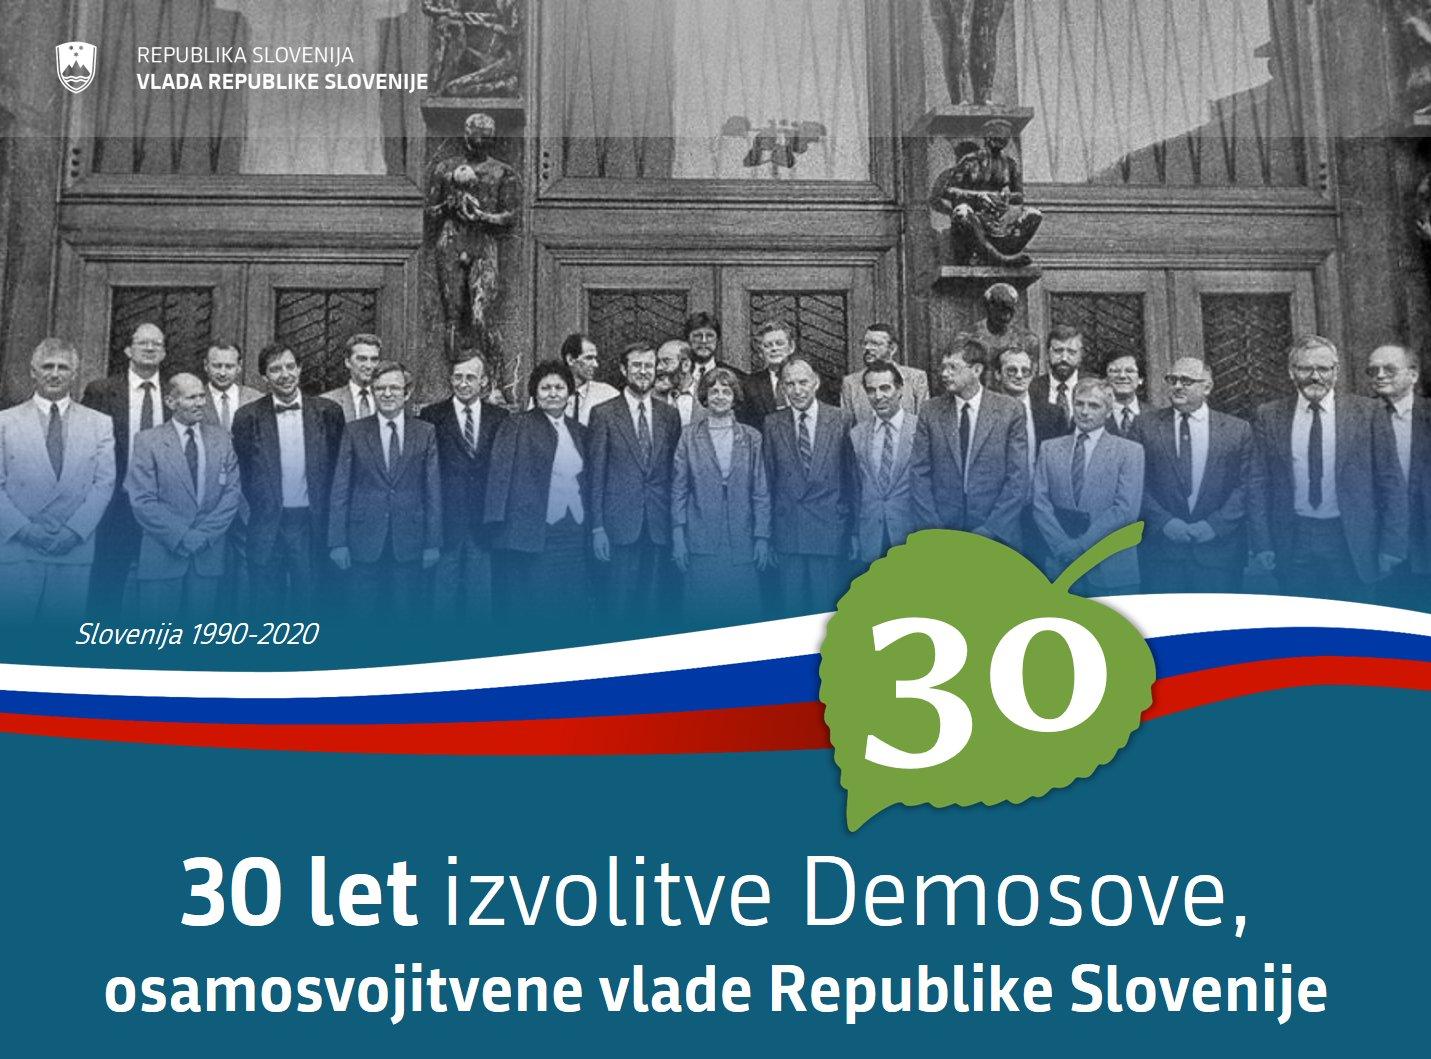 Imamo v Sloveniji po tridesetih letih manj demokracije?